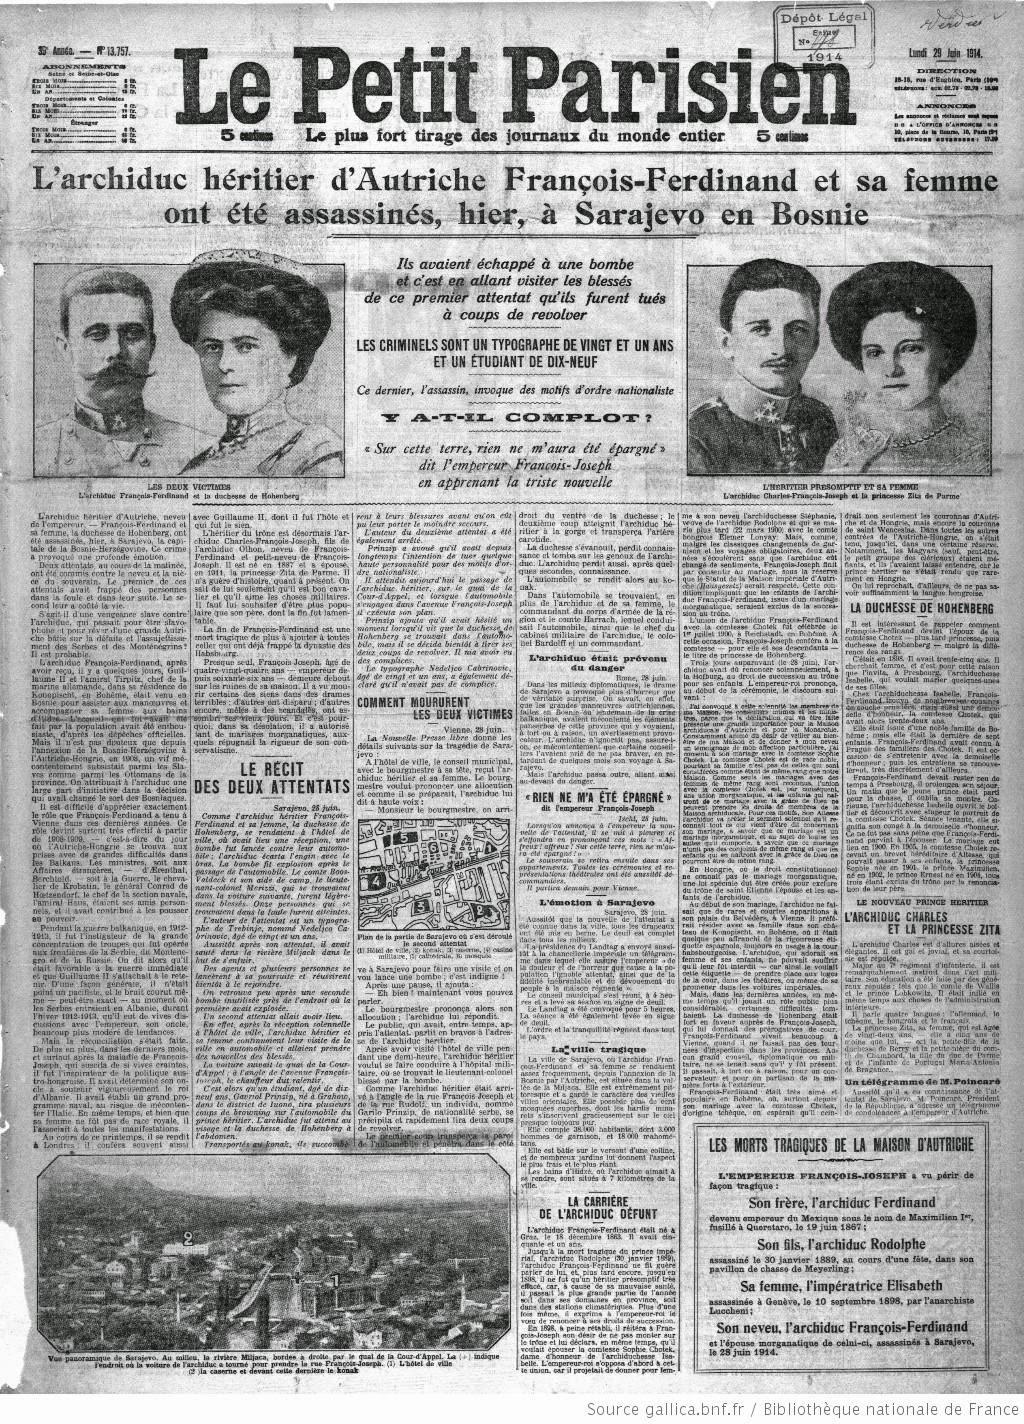 Attentat de Sarajevo du 28 Juin 1914 : vers la montée de la 1ère Guerre mondiale? 5